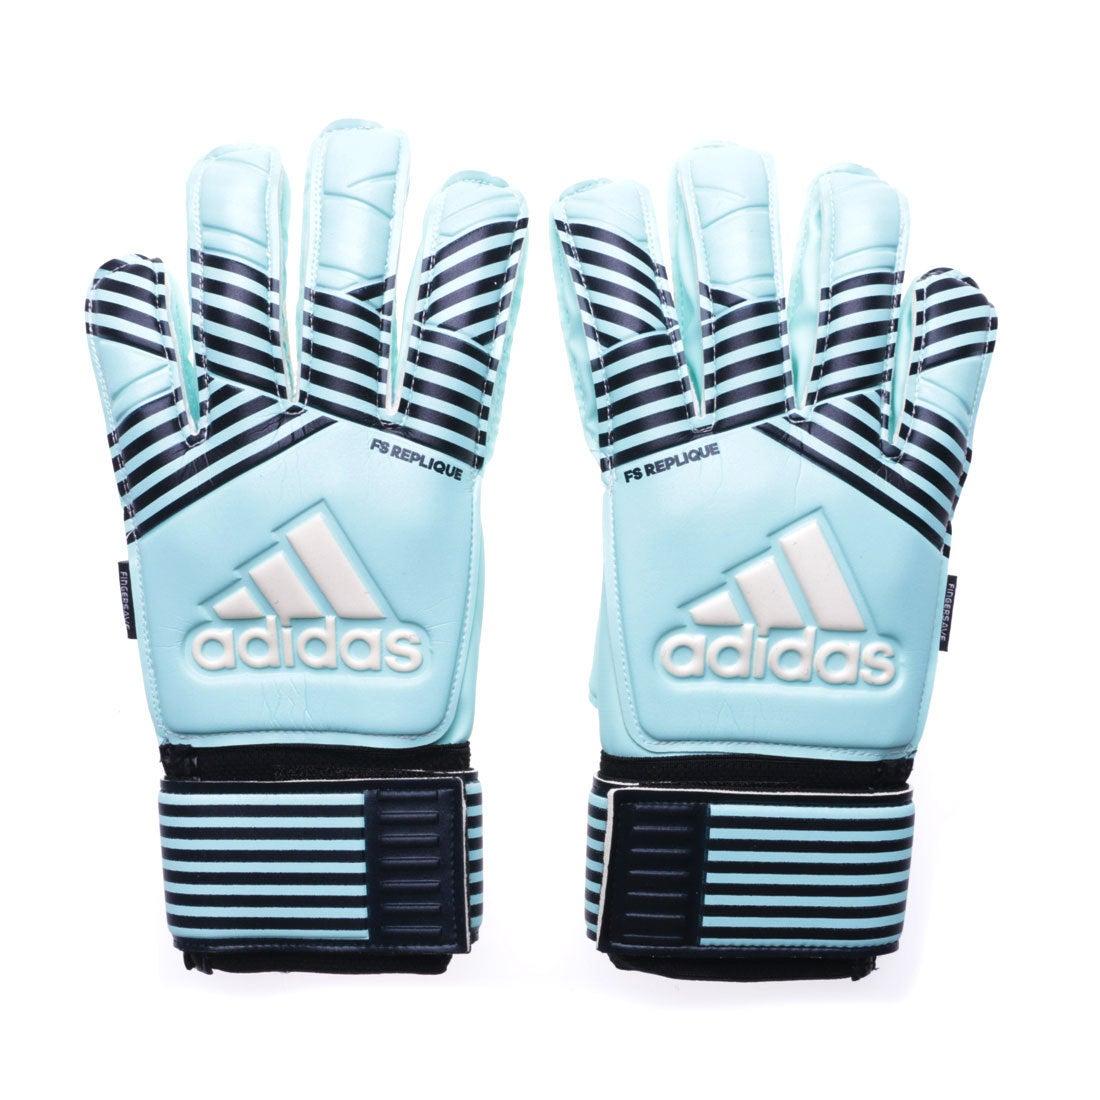 【SALE 40%OFF】アディダス adidas ユニセックス サッカー/フットサル キーパーグローブ エース フィンガーセーブ レプリカ BS1489